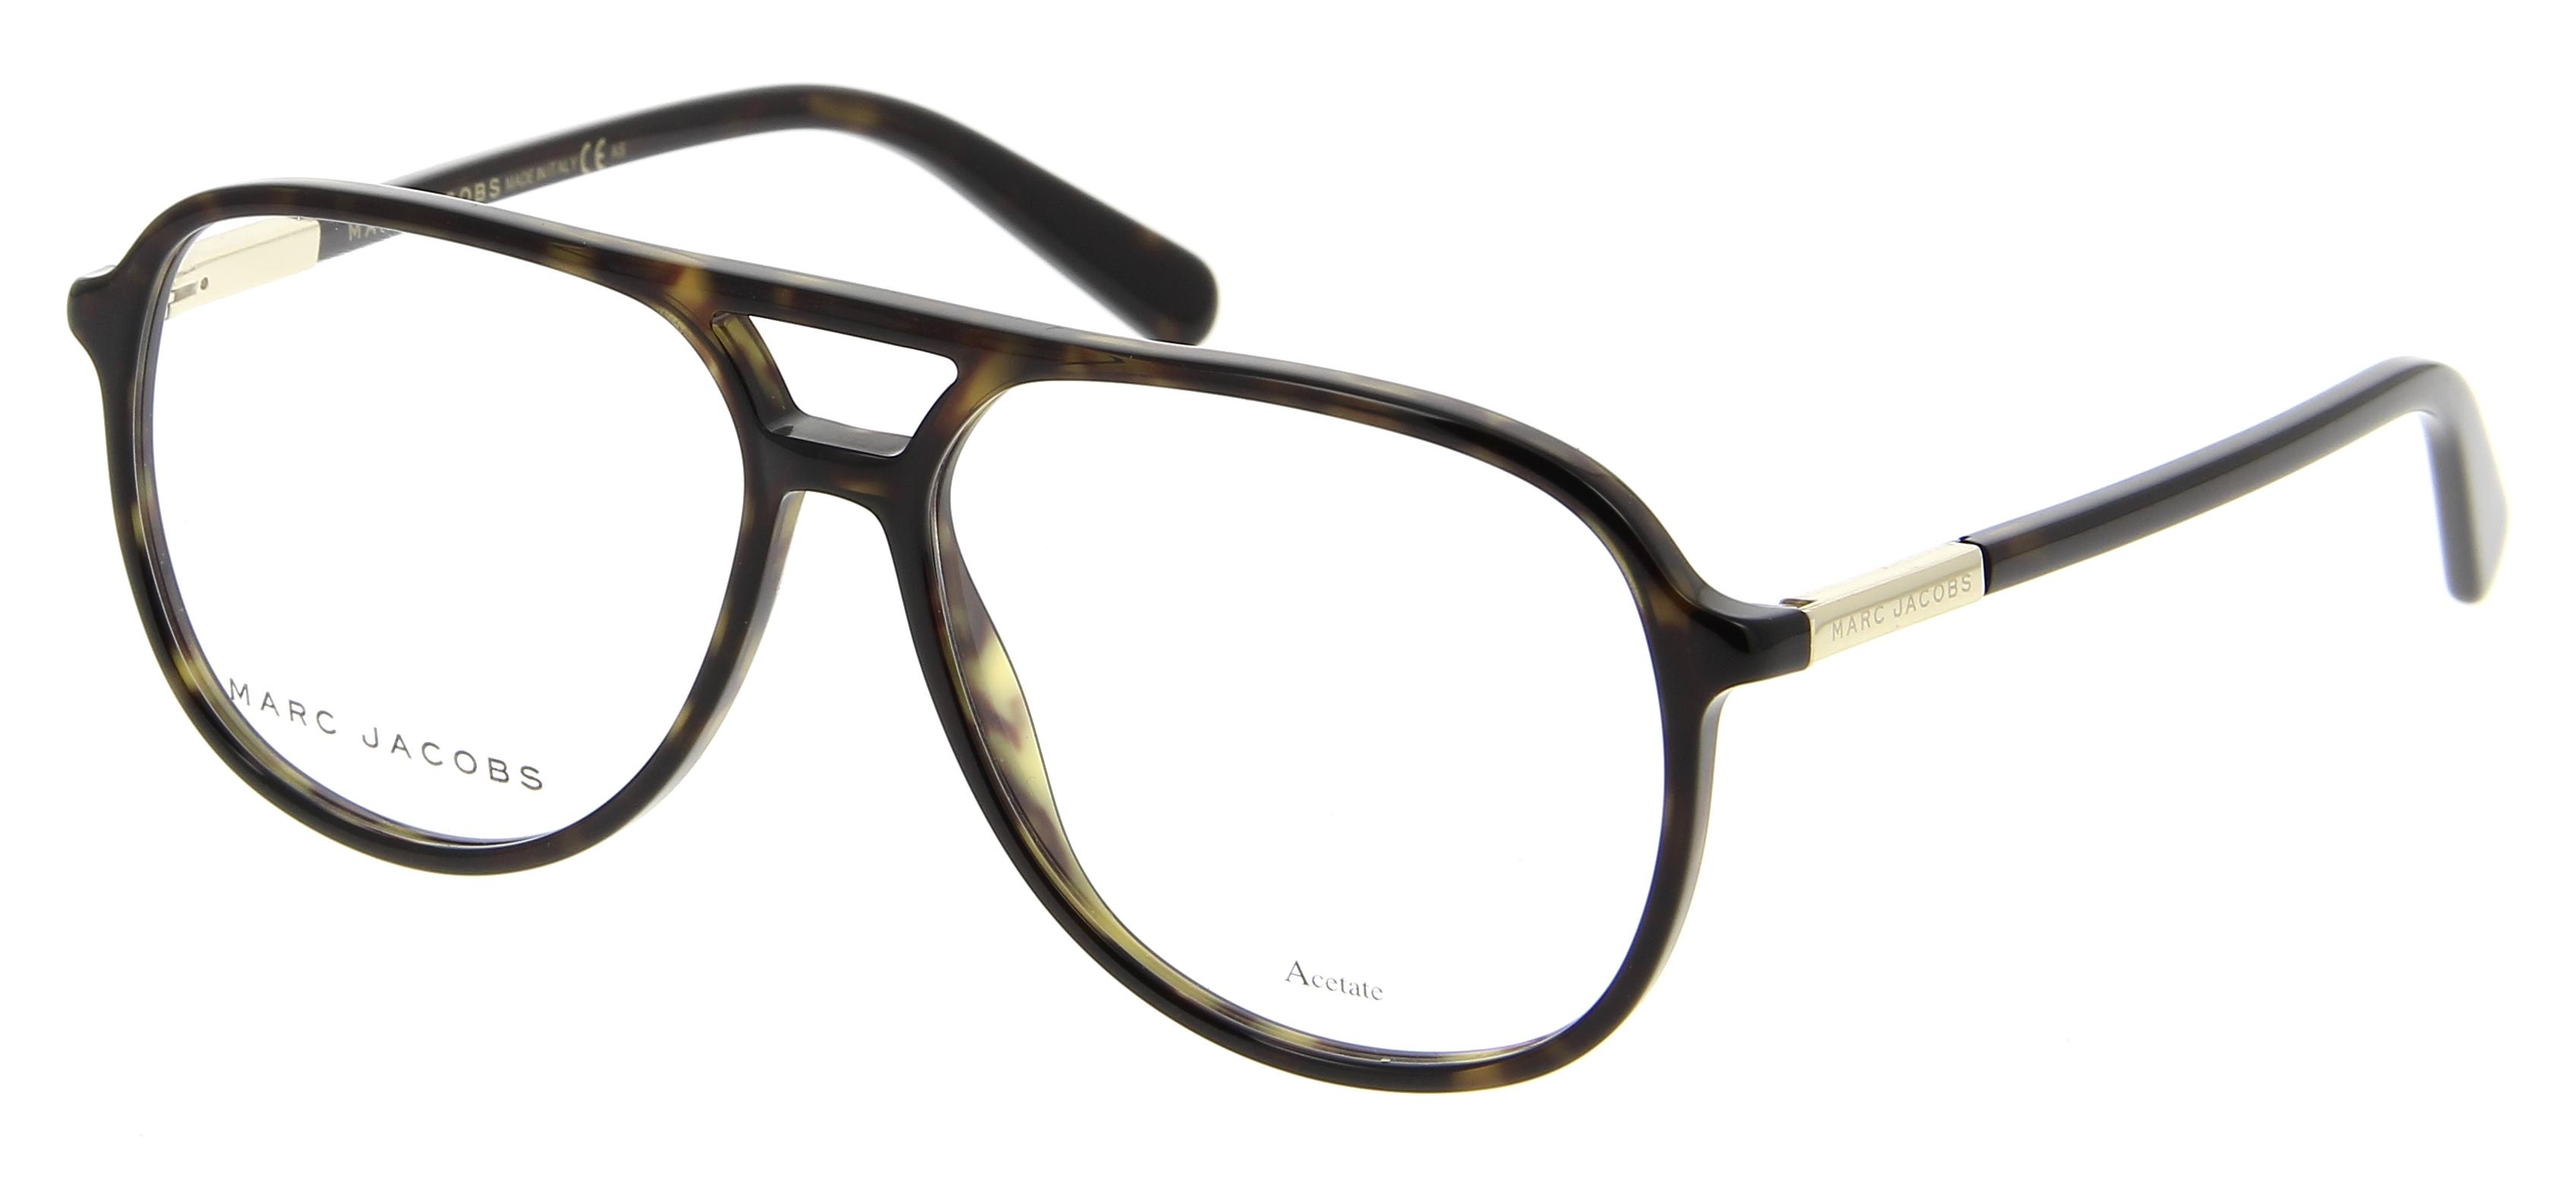 lunettes de vue marc jacobs mj 549 ant 57 14 homme ecaille carr e cercl e tendance 57mmx14mm 161. Black Bedroom Furniture Sets. Home Design Ideas